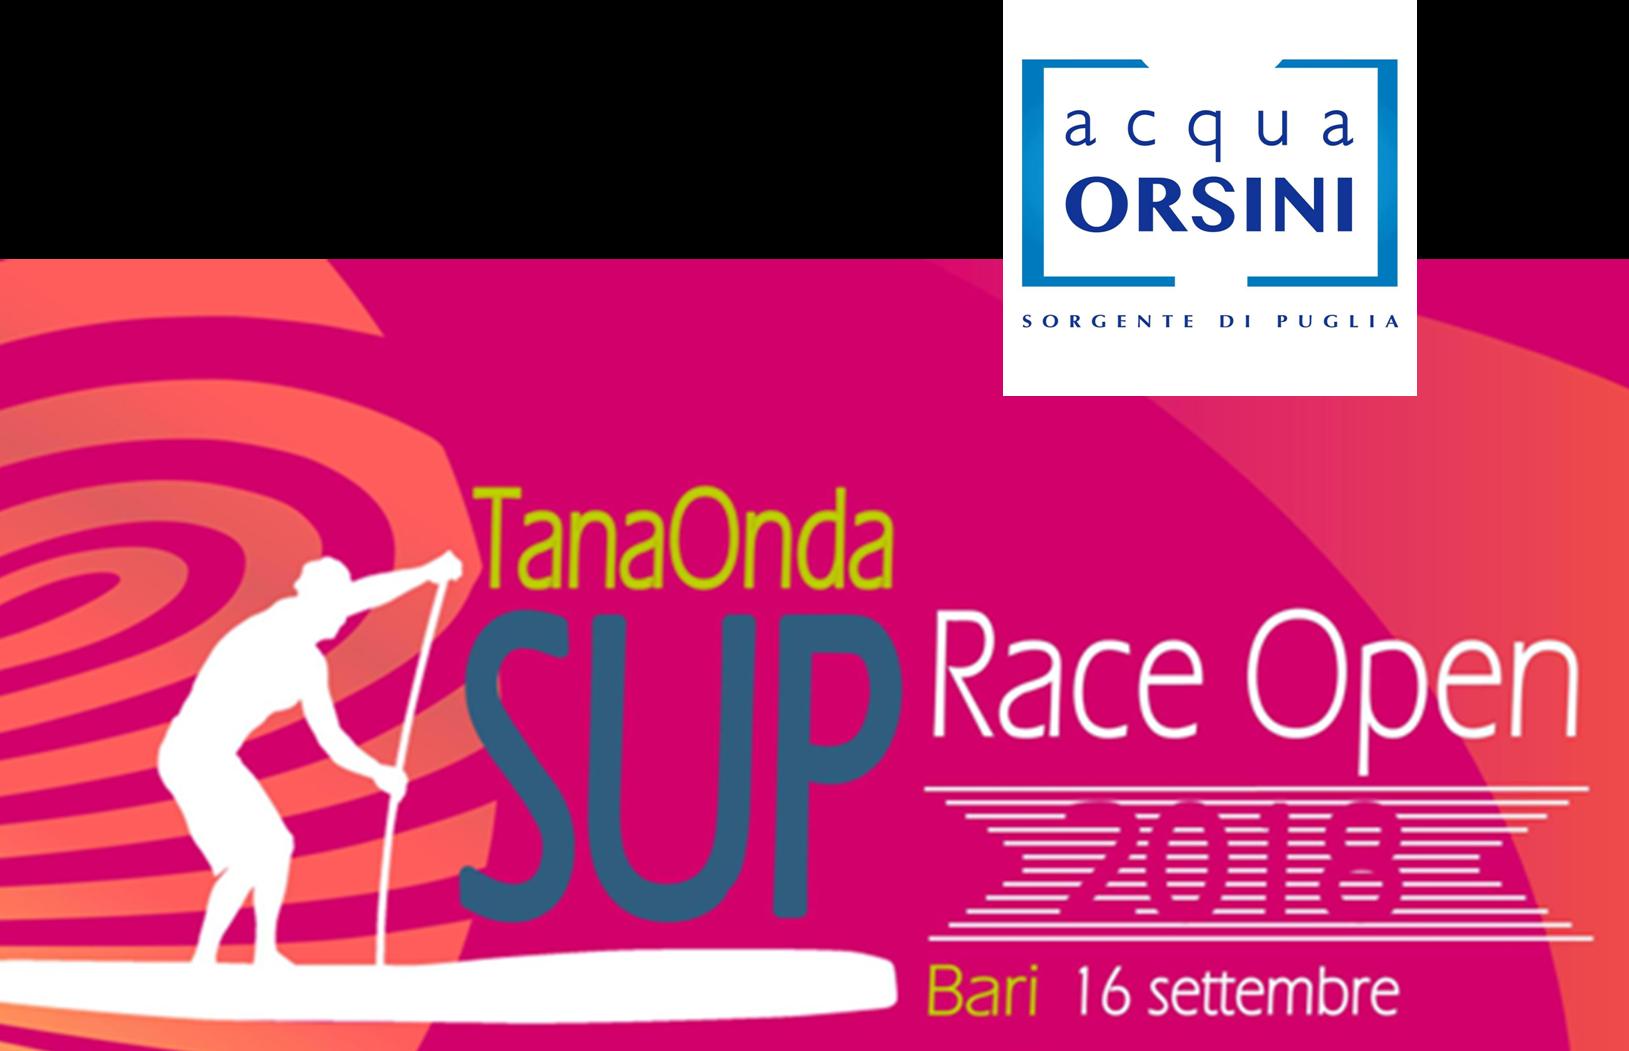 Sponsor ecologici / ACQUA ORSINI # Tanaonda SUP Race